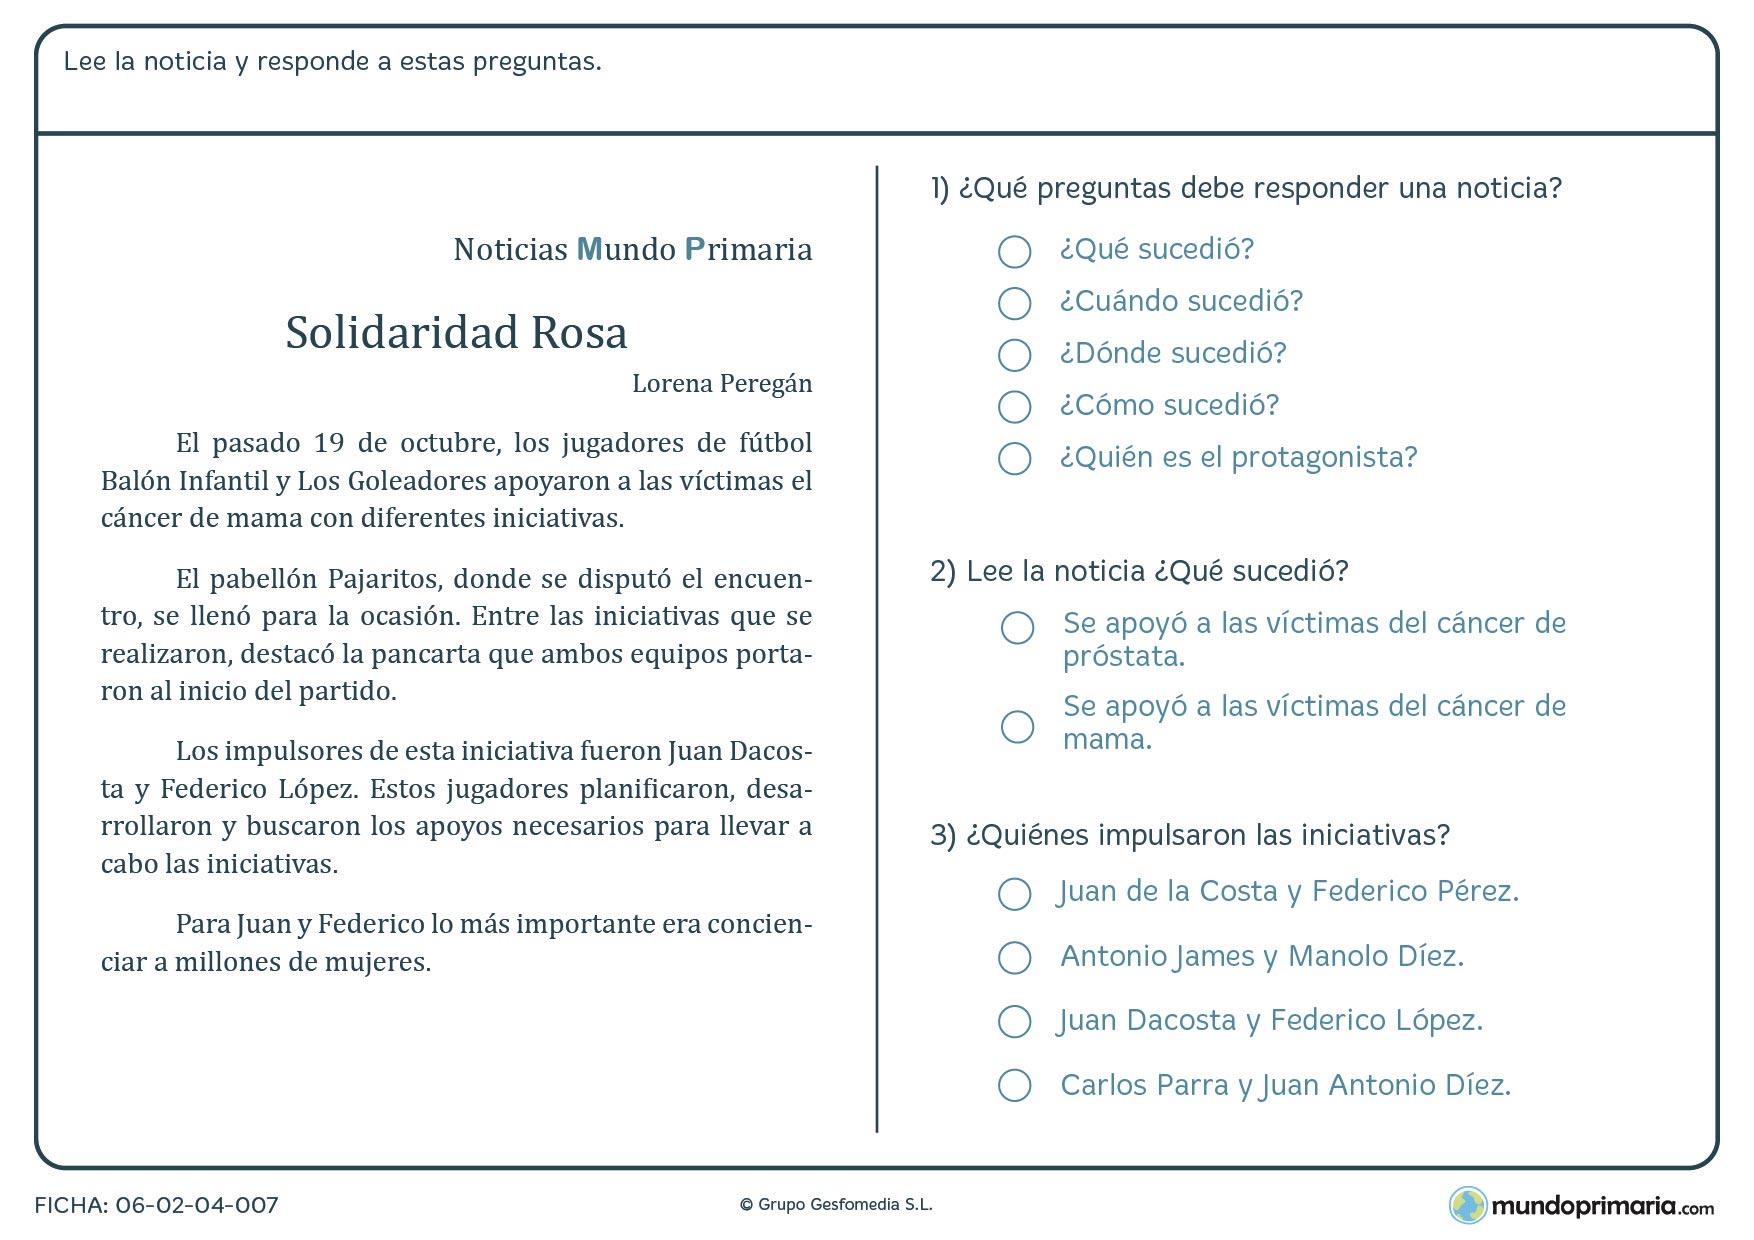 """Ficha de la noticia """"Solidaridad Rosa"""" para responder a las preguntas"""